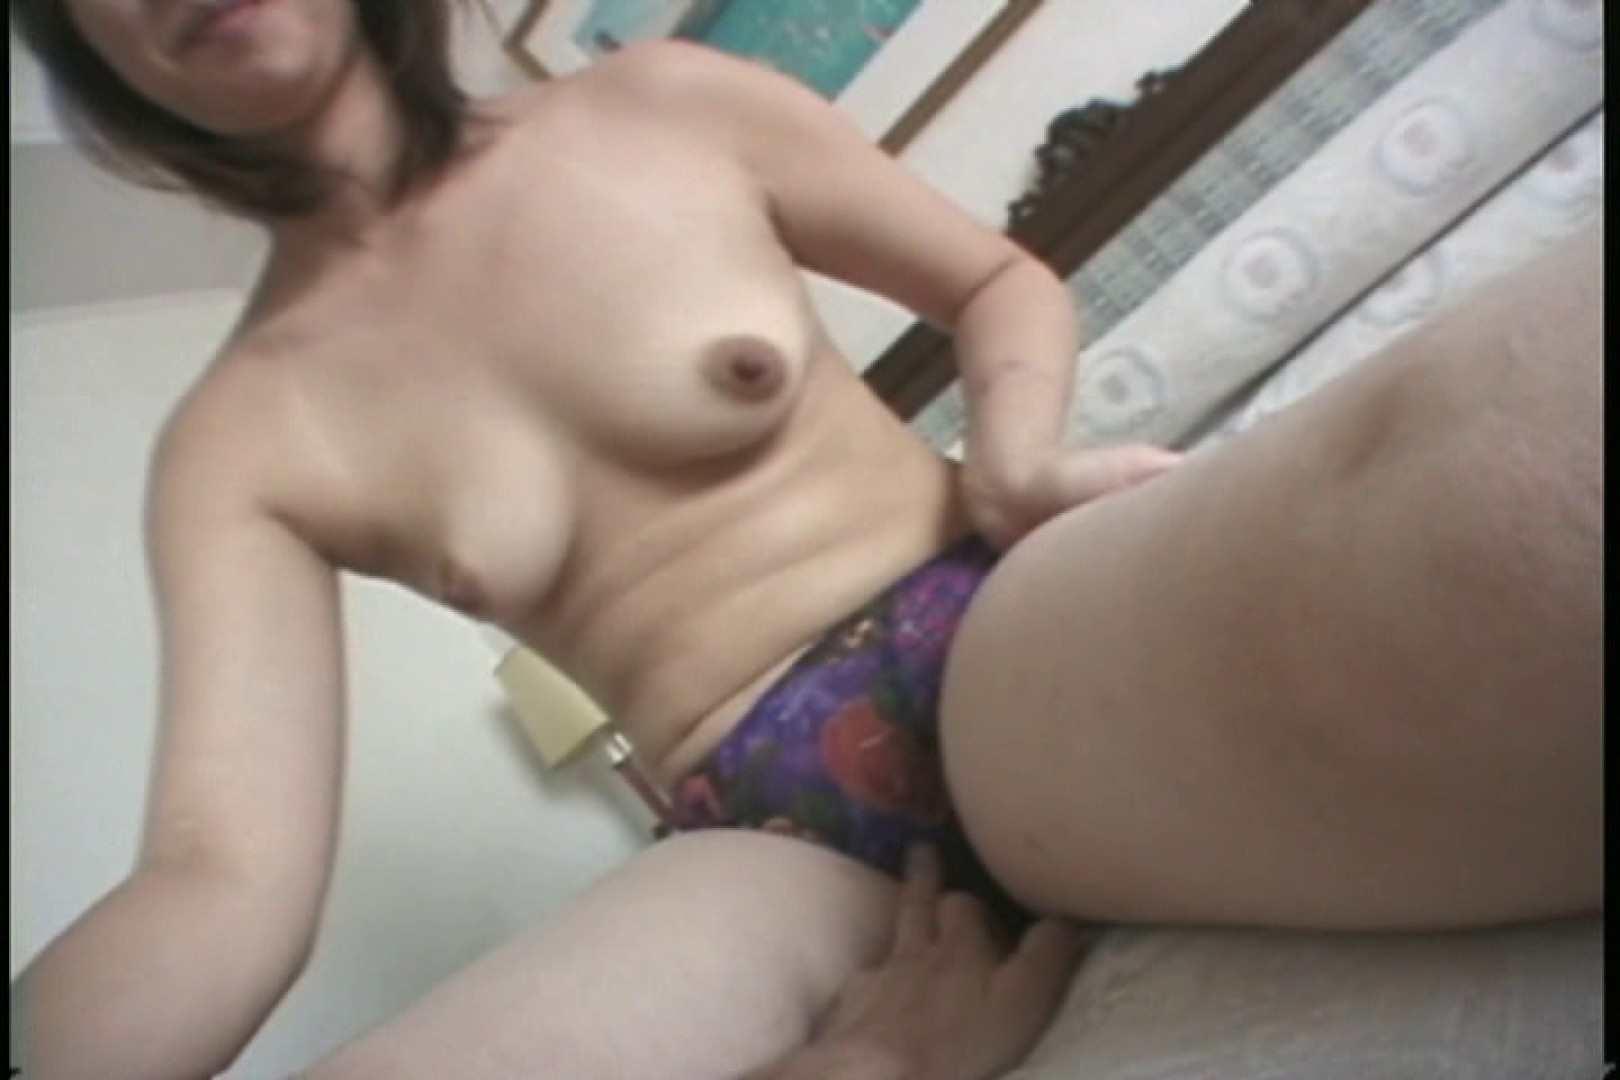 初めてのビデオ撮影に緊張する素人OLとセックス~武田じゅん~ 素人 | ギャル達のセックス  82画像 53